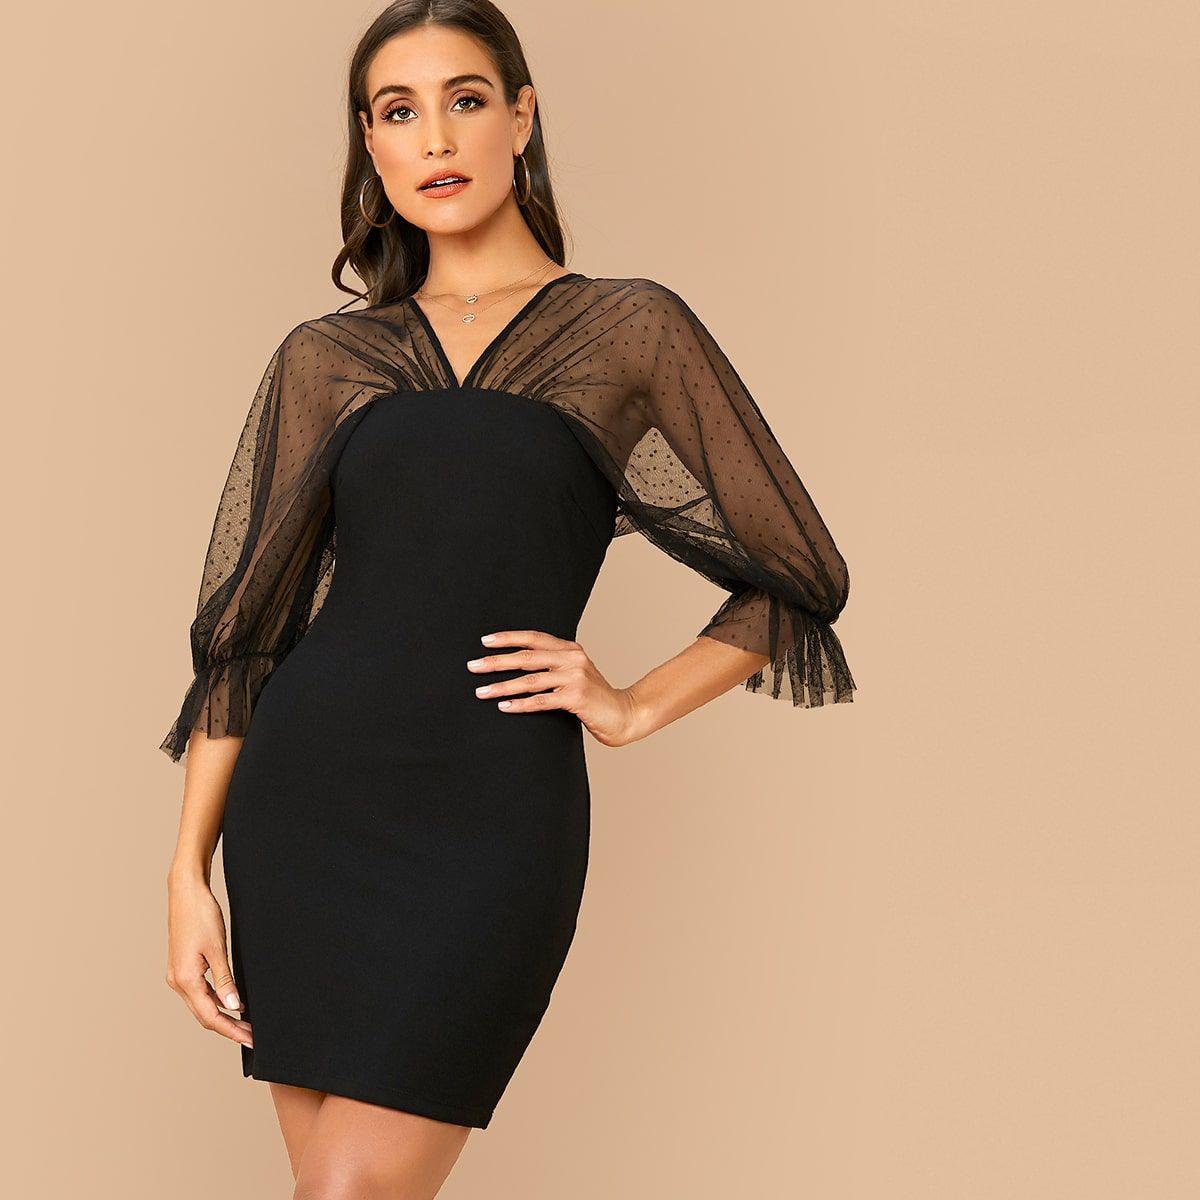 V Neck Swiss Dot Mesh Sleeve Dress Mesh Sleeved Dress Dresses With Sleeves Mesh Sleeves [ 1200 x 1200 Pixel ]